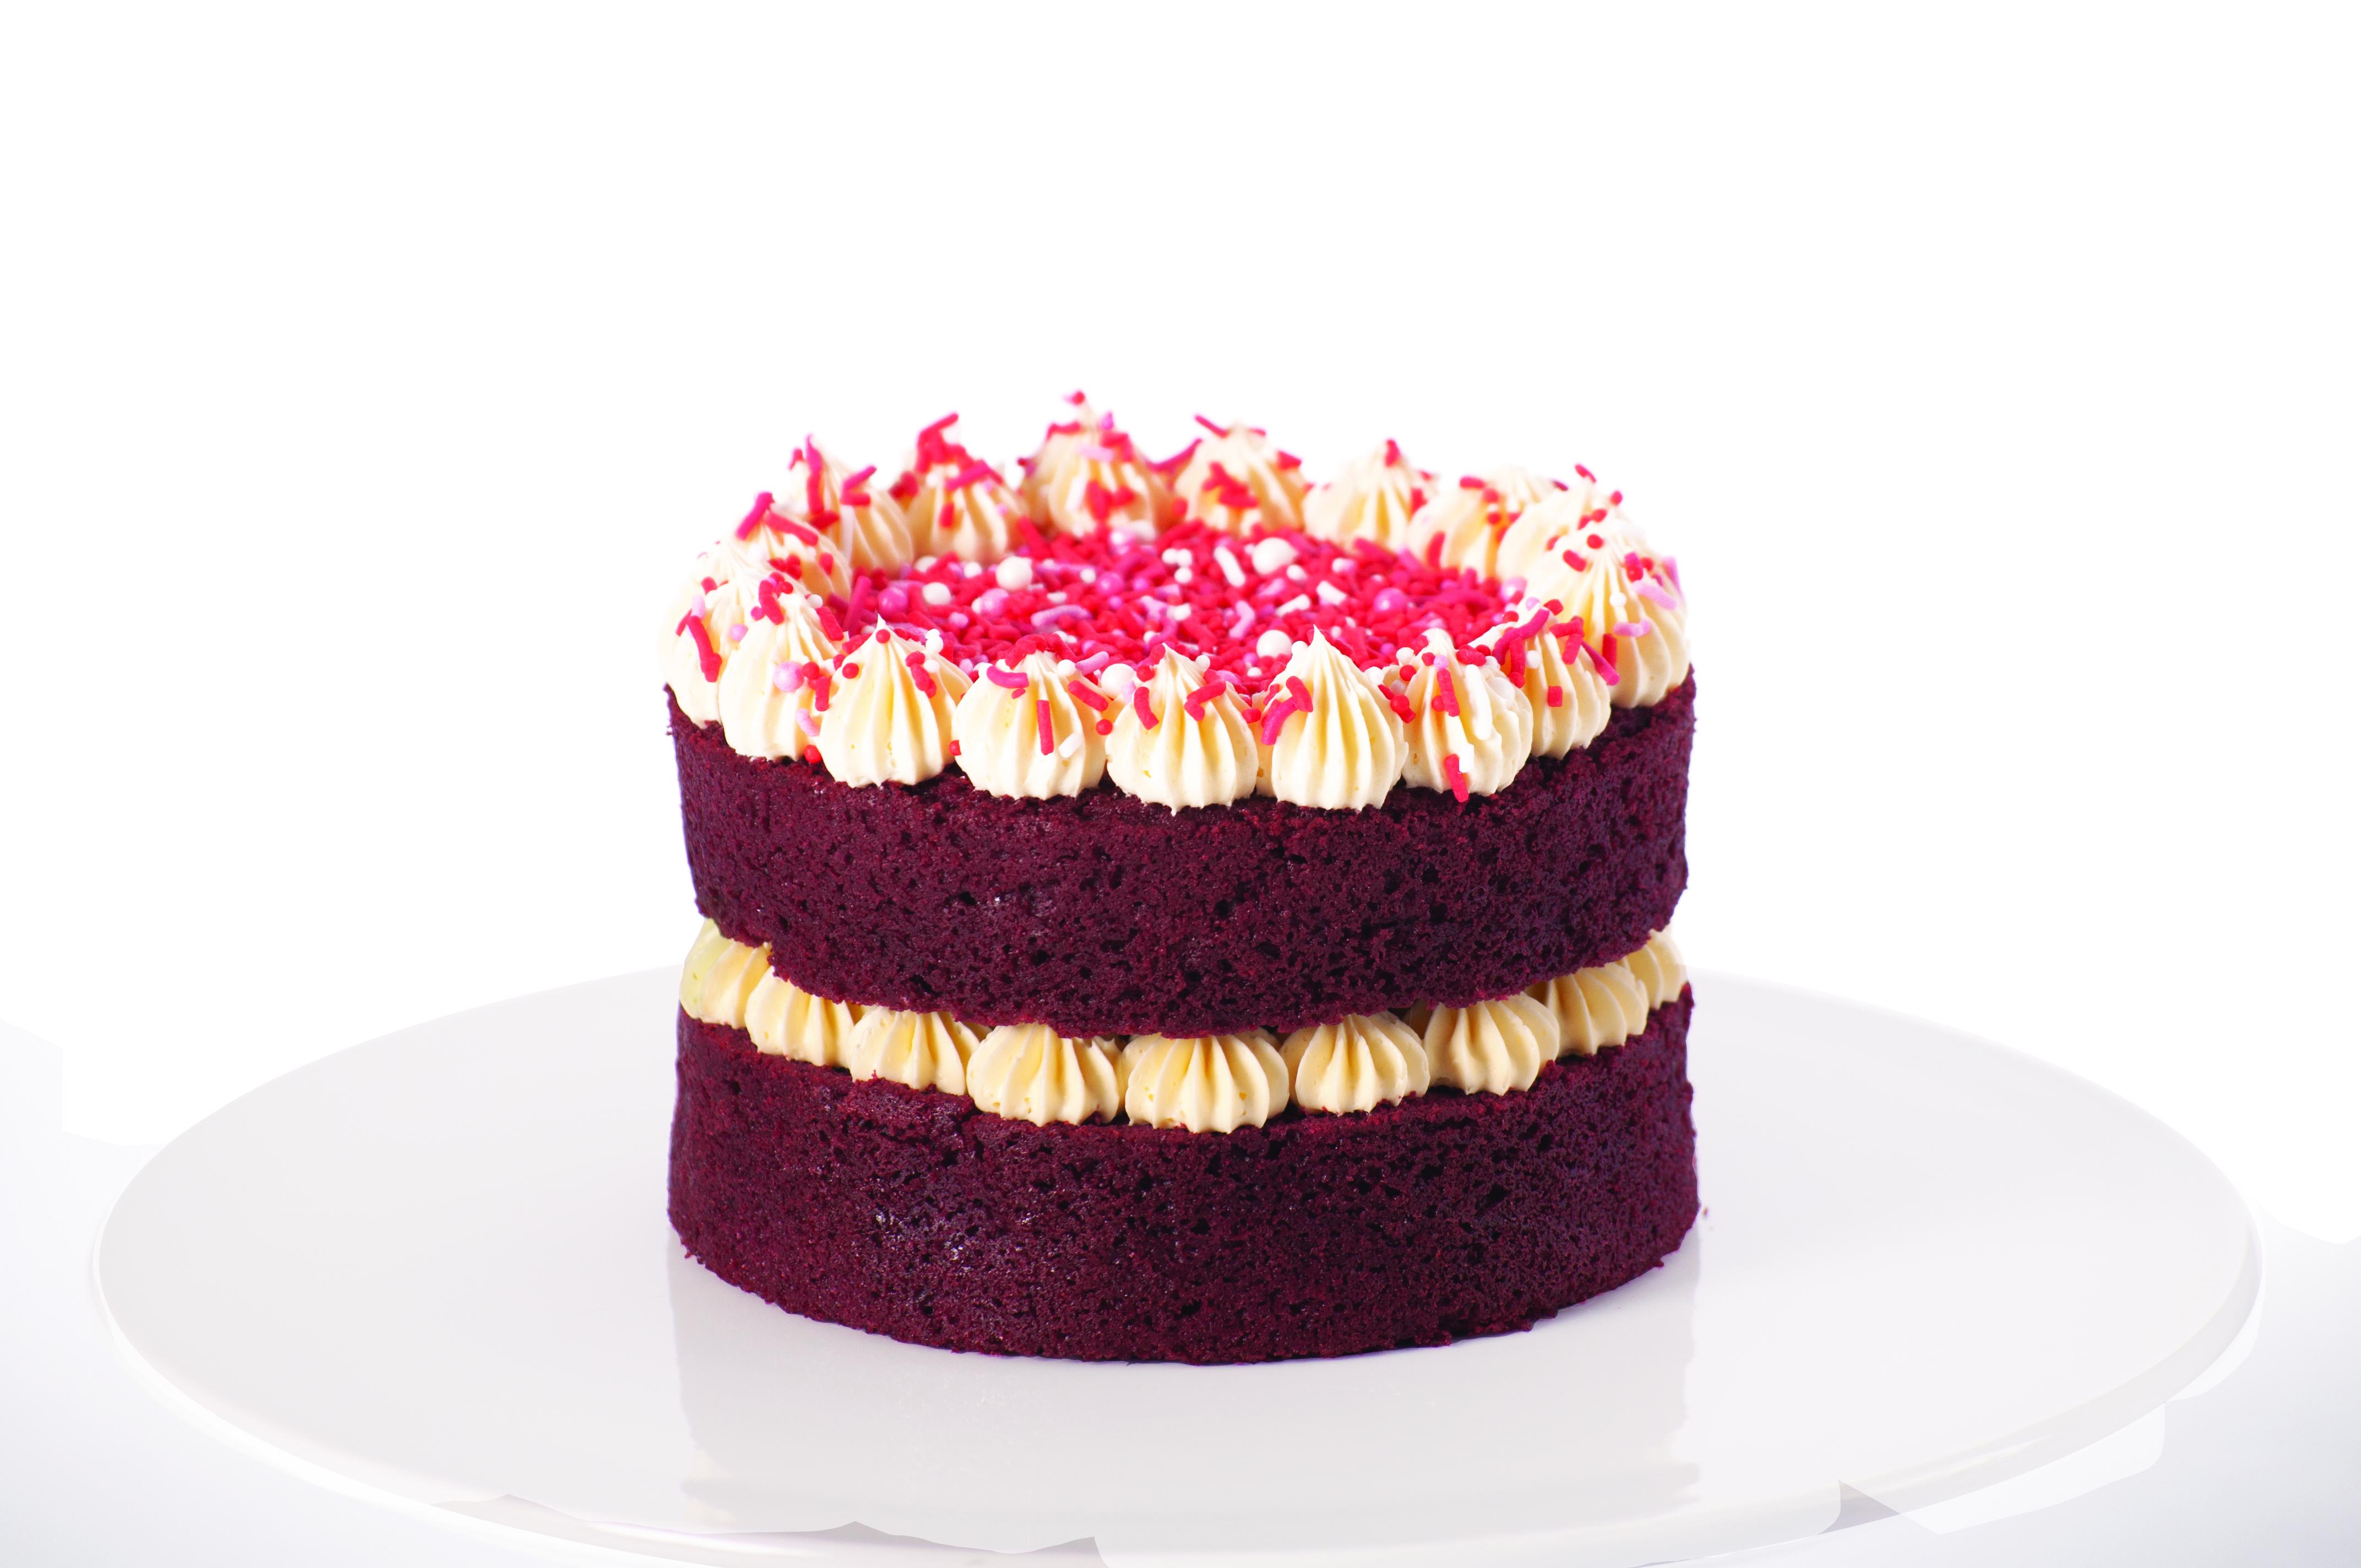 image-cake-red-velvet.jpg